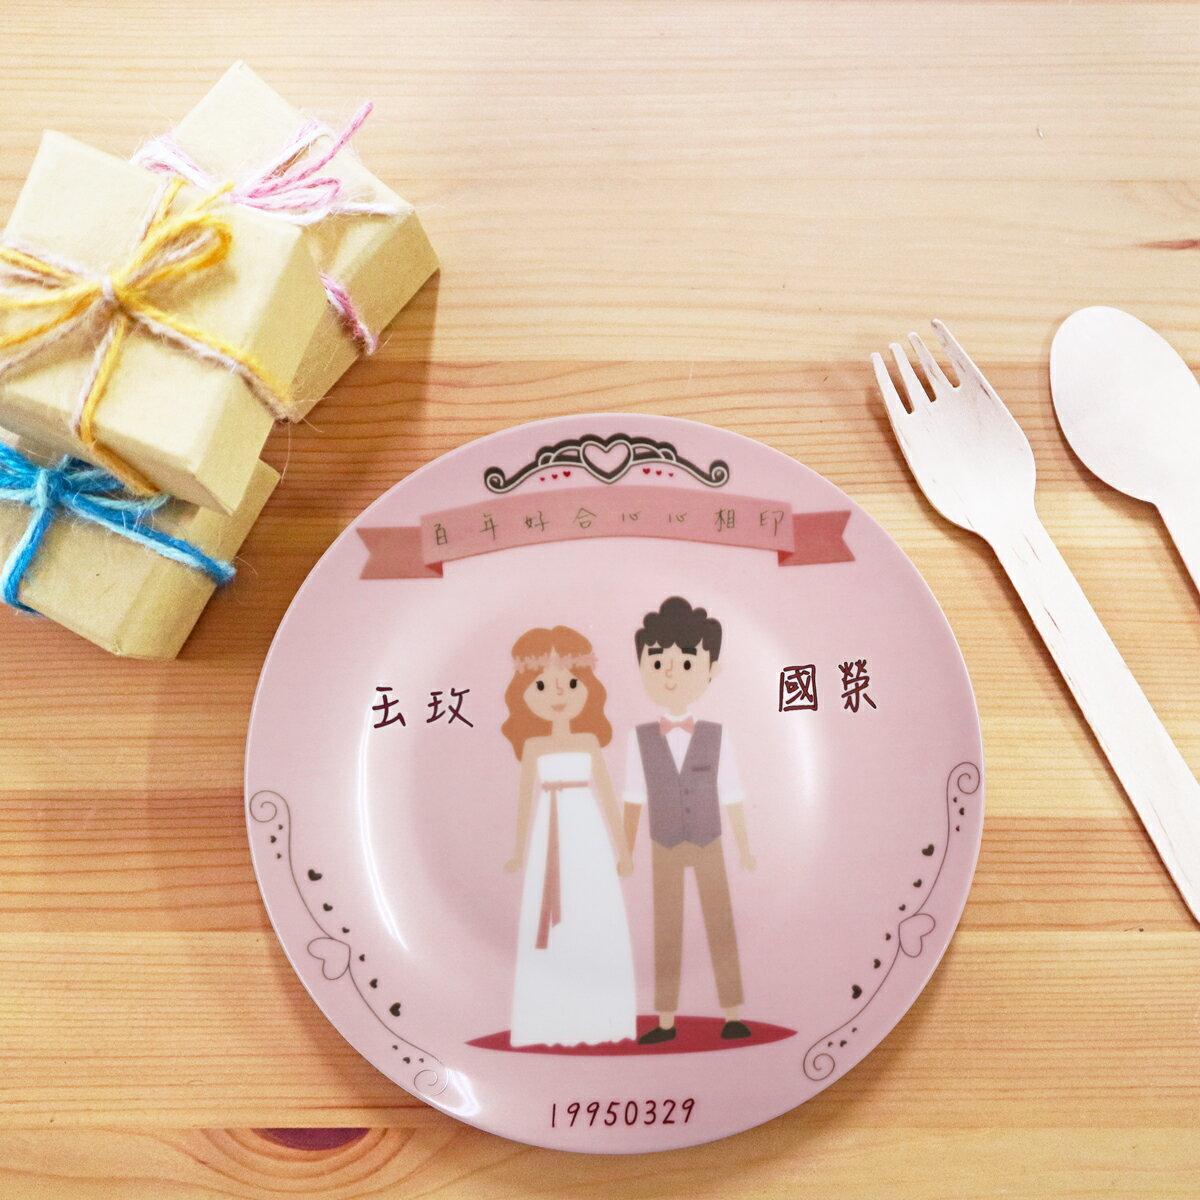 《陶緣彩瓷》 粉紅婚禮之百年女合心心相印-6.5吋骨瓷盤 / 結婚禮物/婚禮小物 / 伴娘禮物 / 客製化